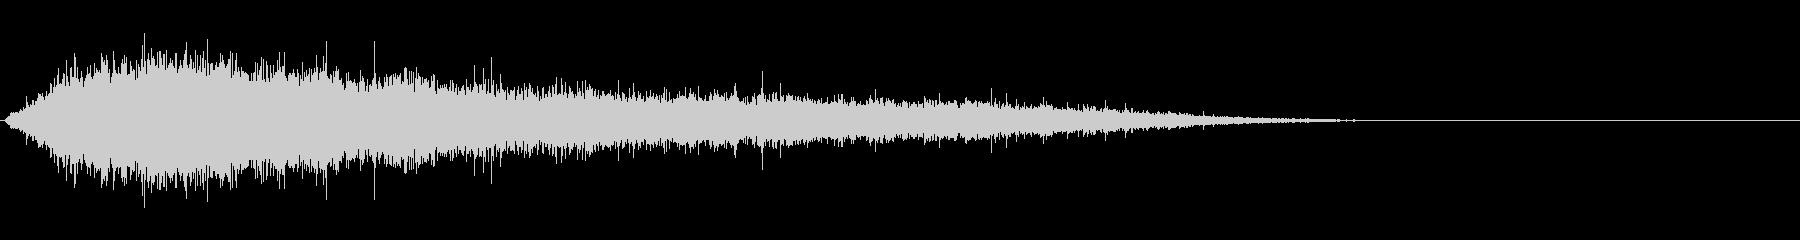 歓声3 (ワオォォォォォォ…)の未再生の波形